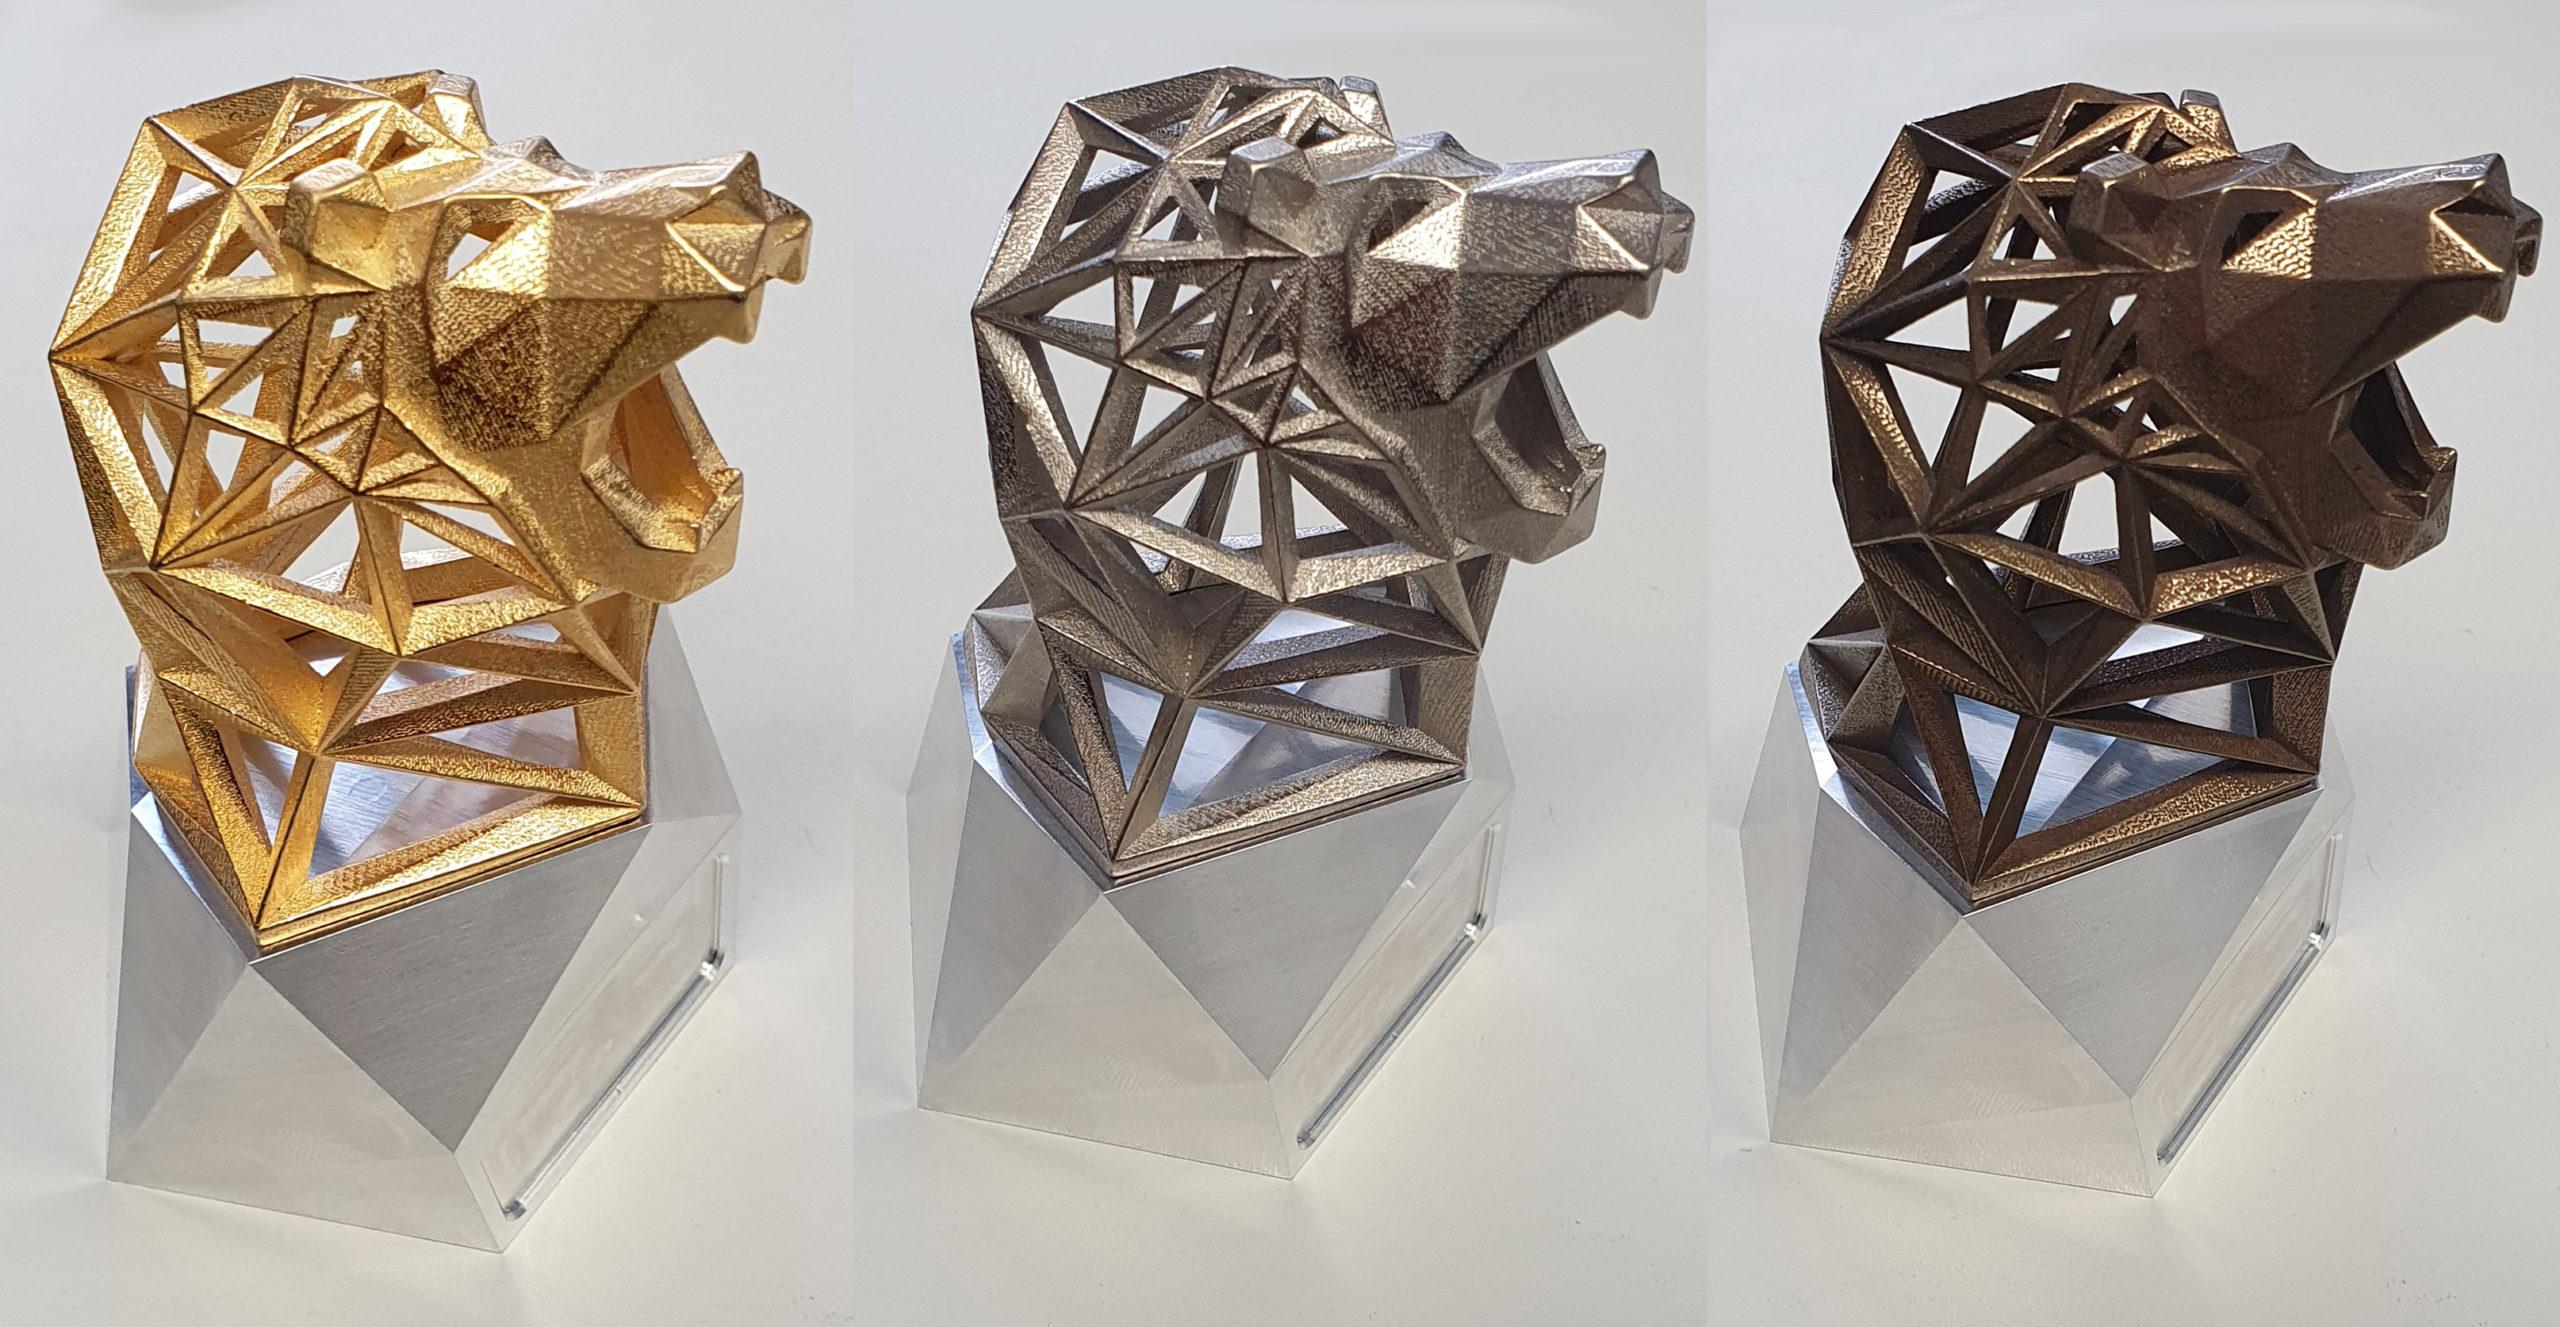 Die Trophäen in Gold, Silber und Bronze. Jede Trophäe zeigt den Kopf eines brüllenden Löwen in geometrischer Gitterform.